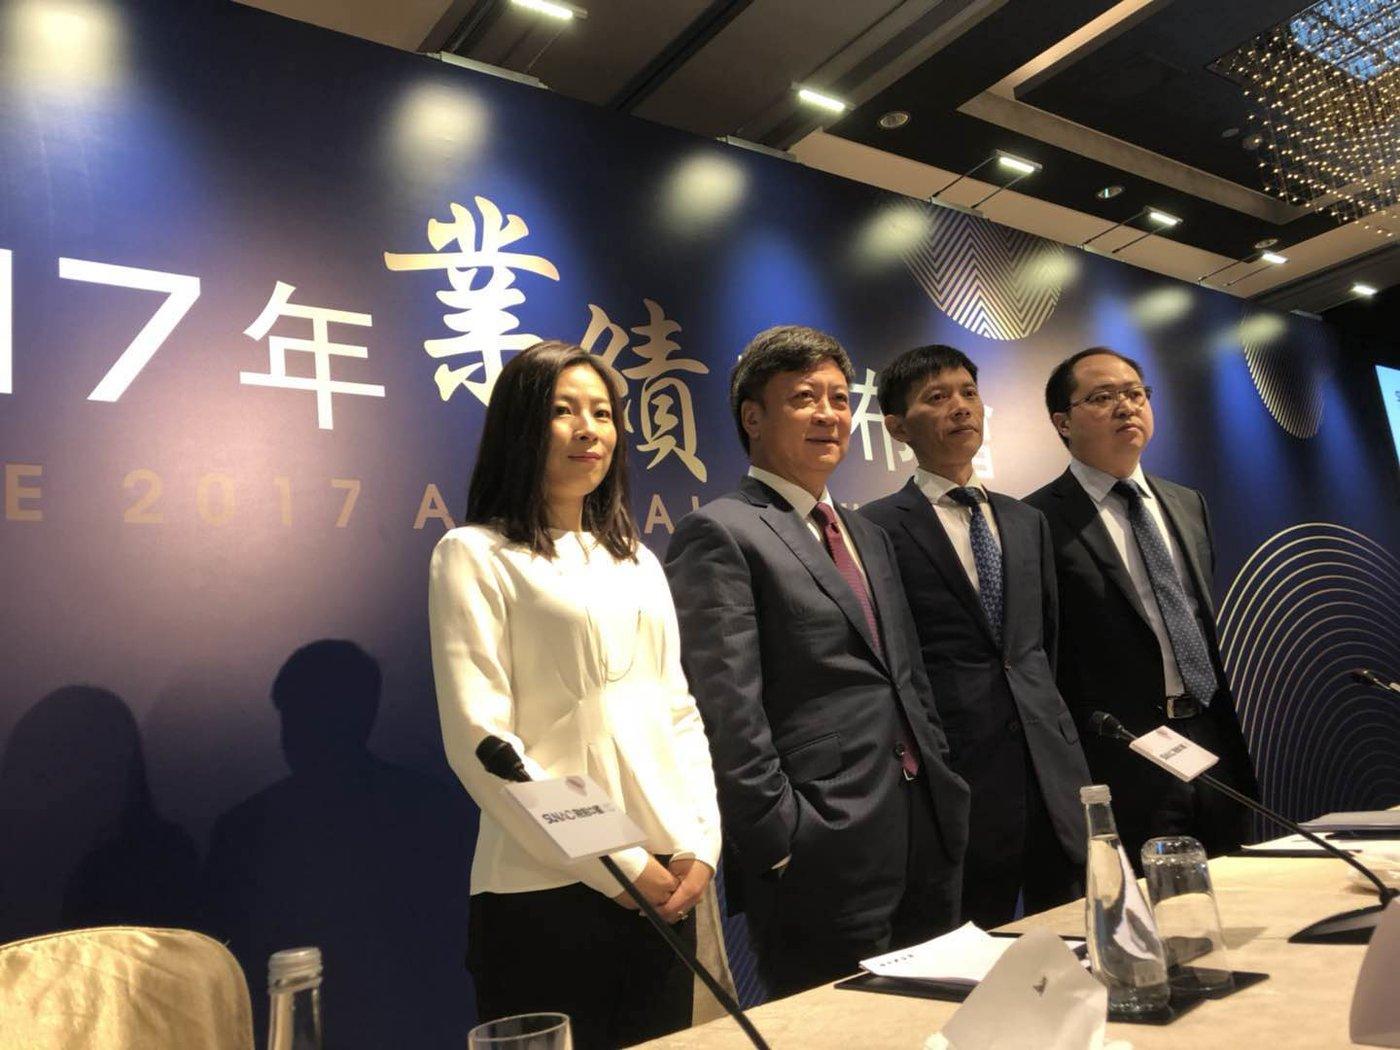 图片来源:凤凰新闻